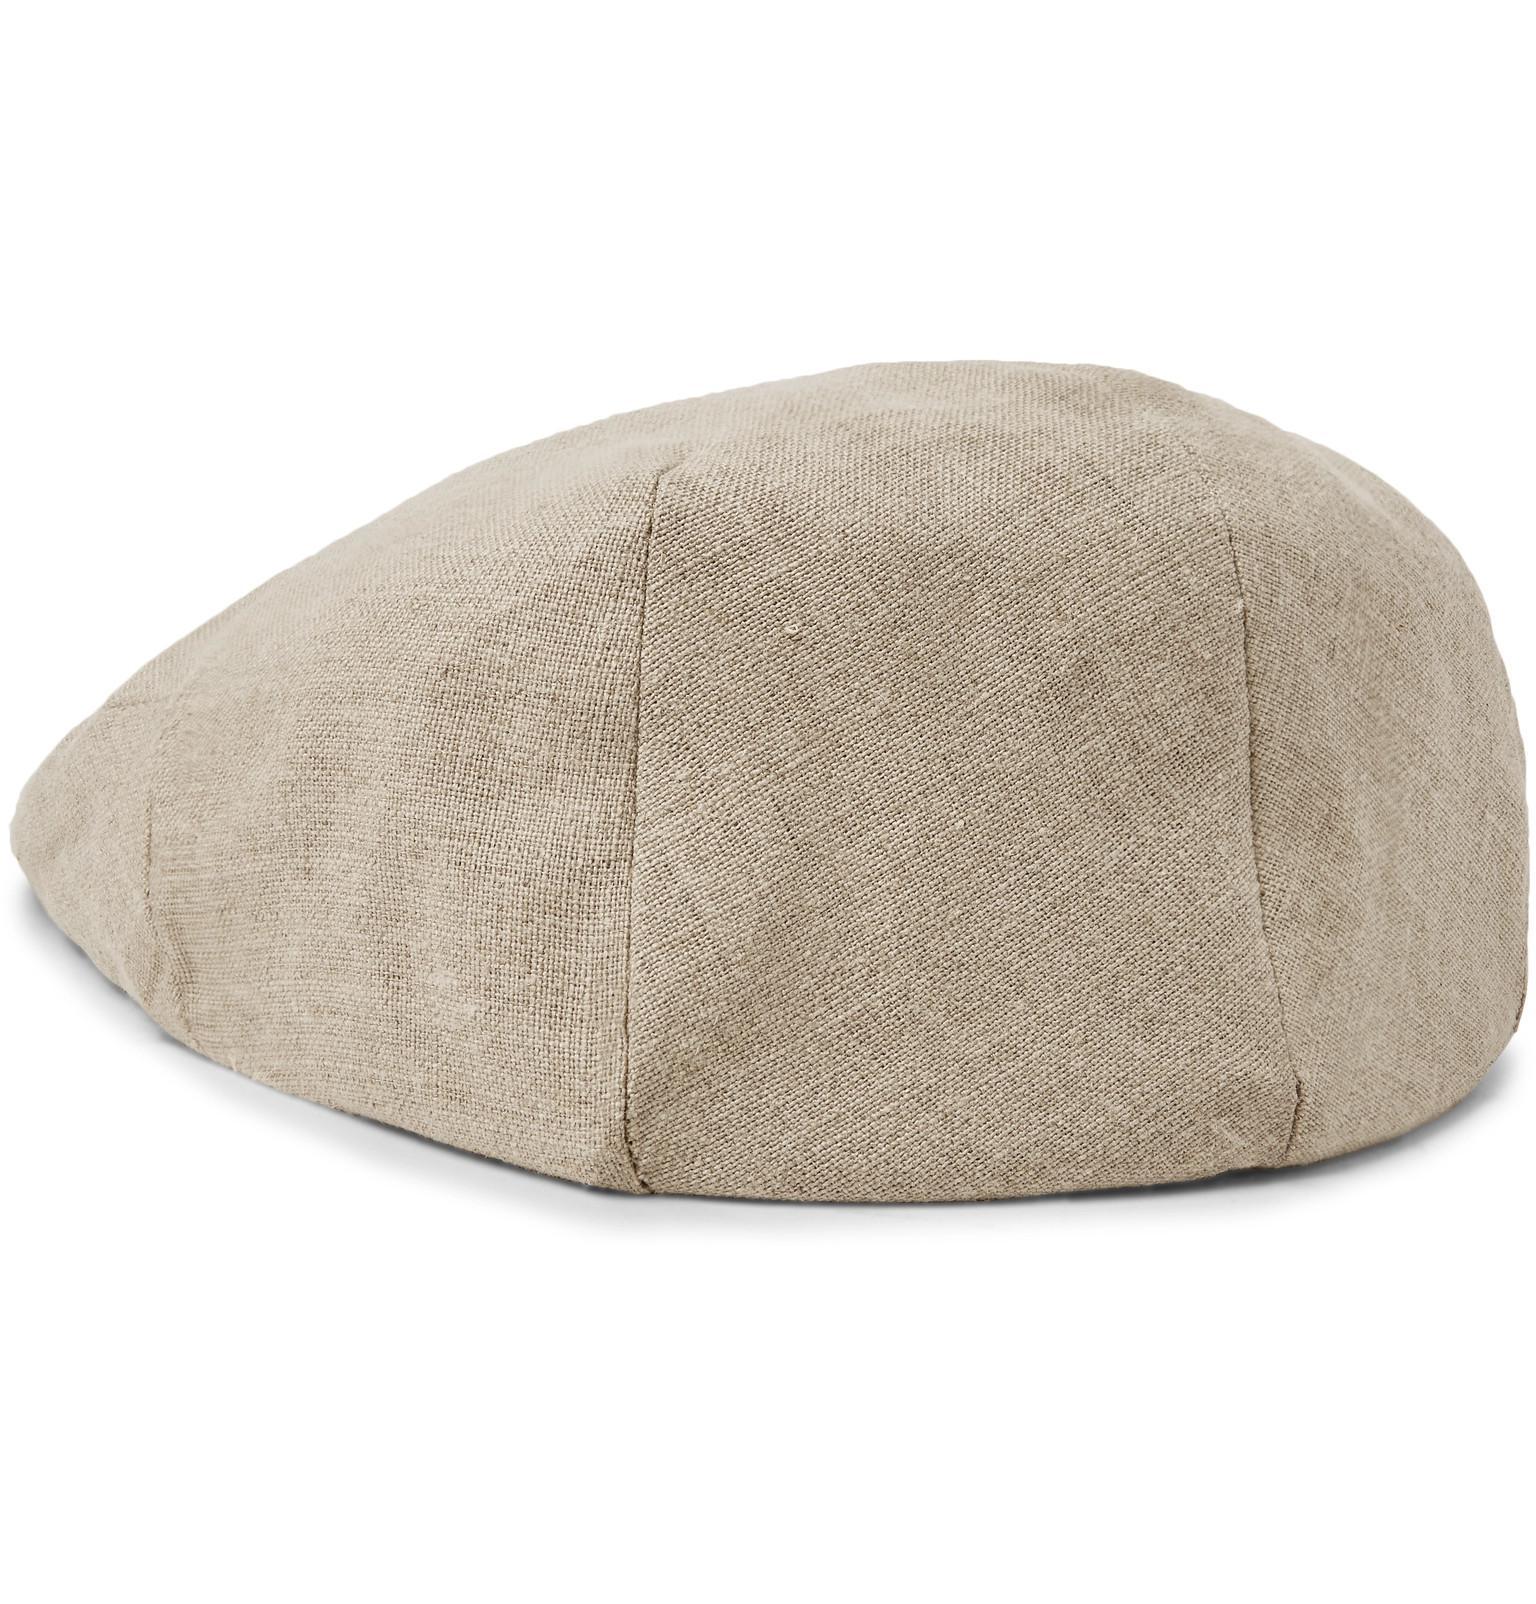 c4e1a70e072 Lock   Co. Glen Linen Flat Cap in Natural for Men - Lyst